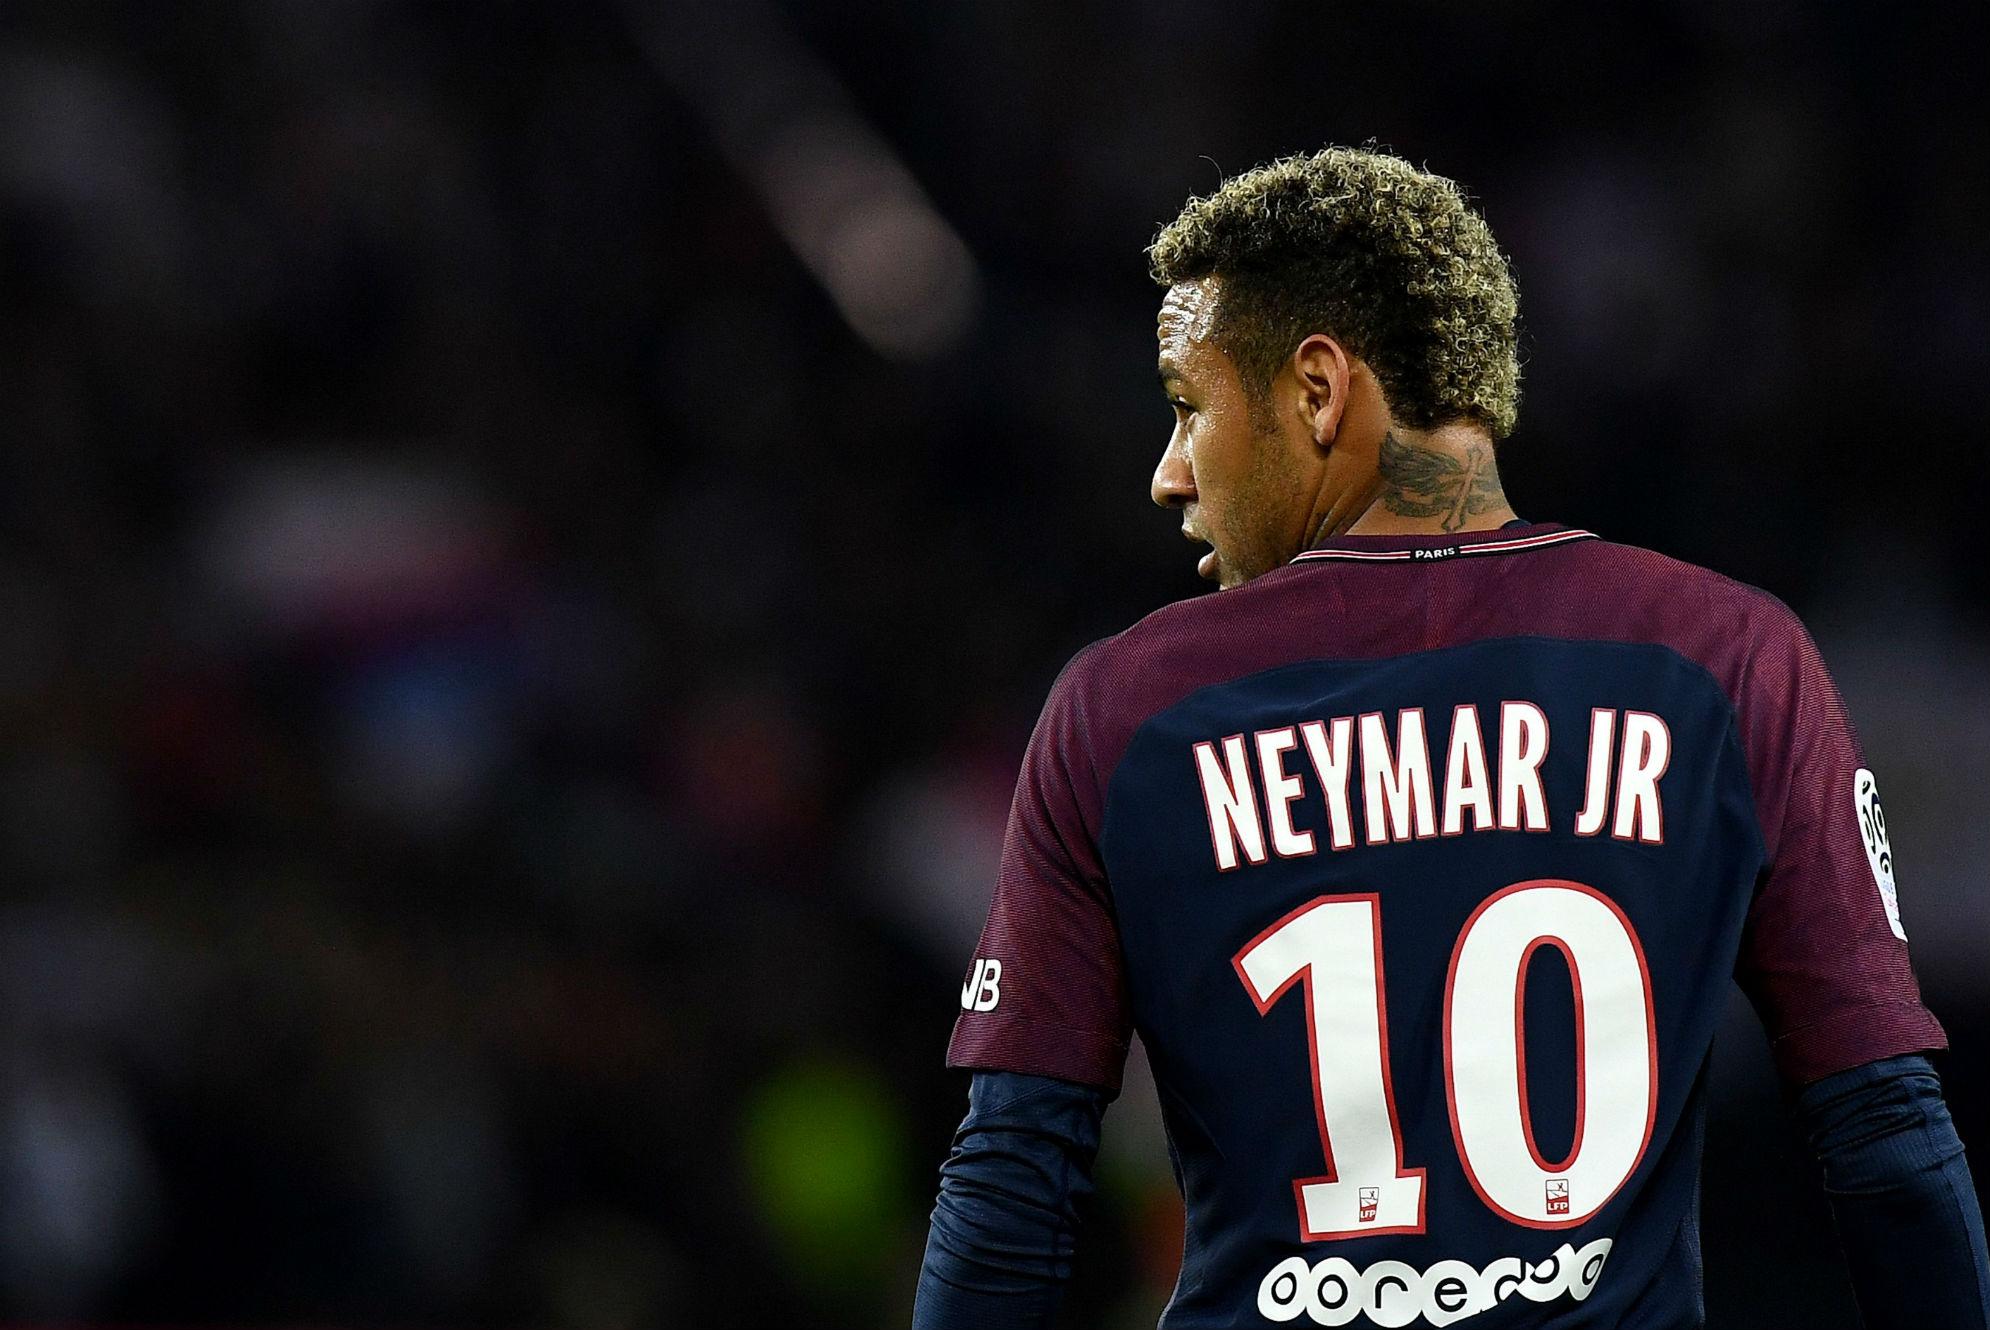 Le gouvernement refuse l'instauration d'une taxe Neymar, proposée par un député